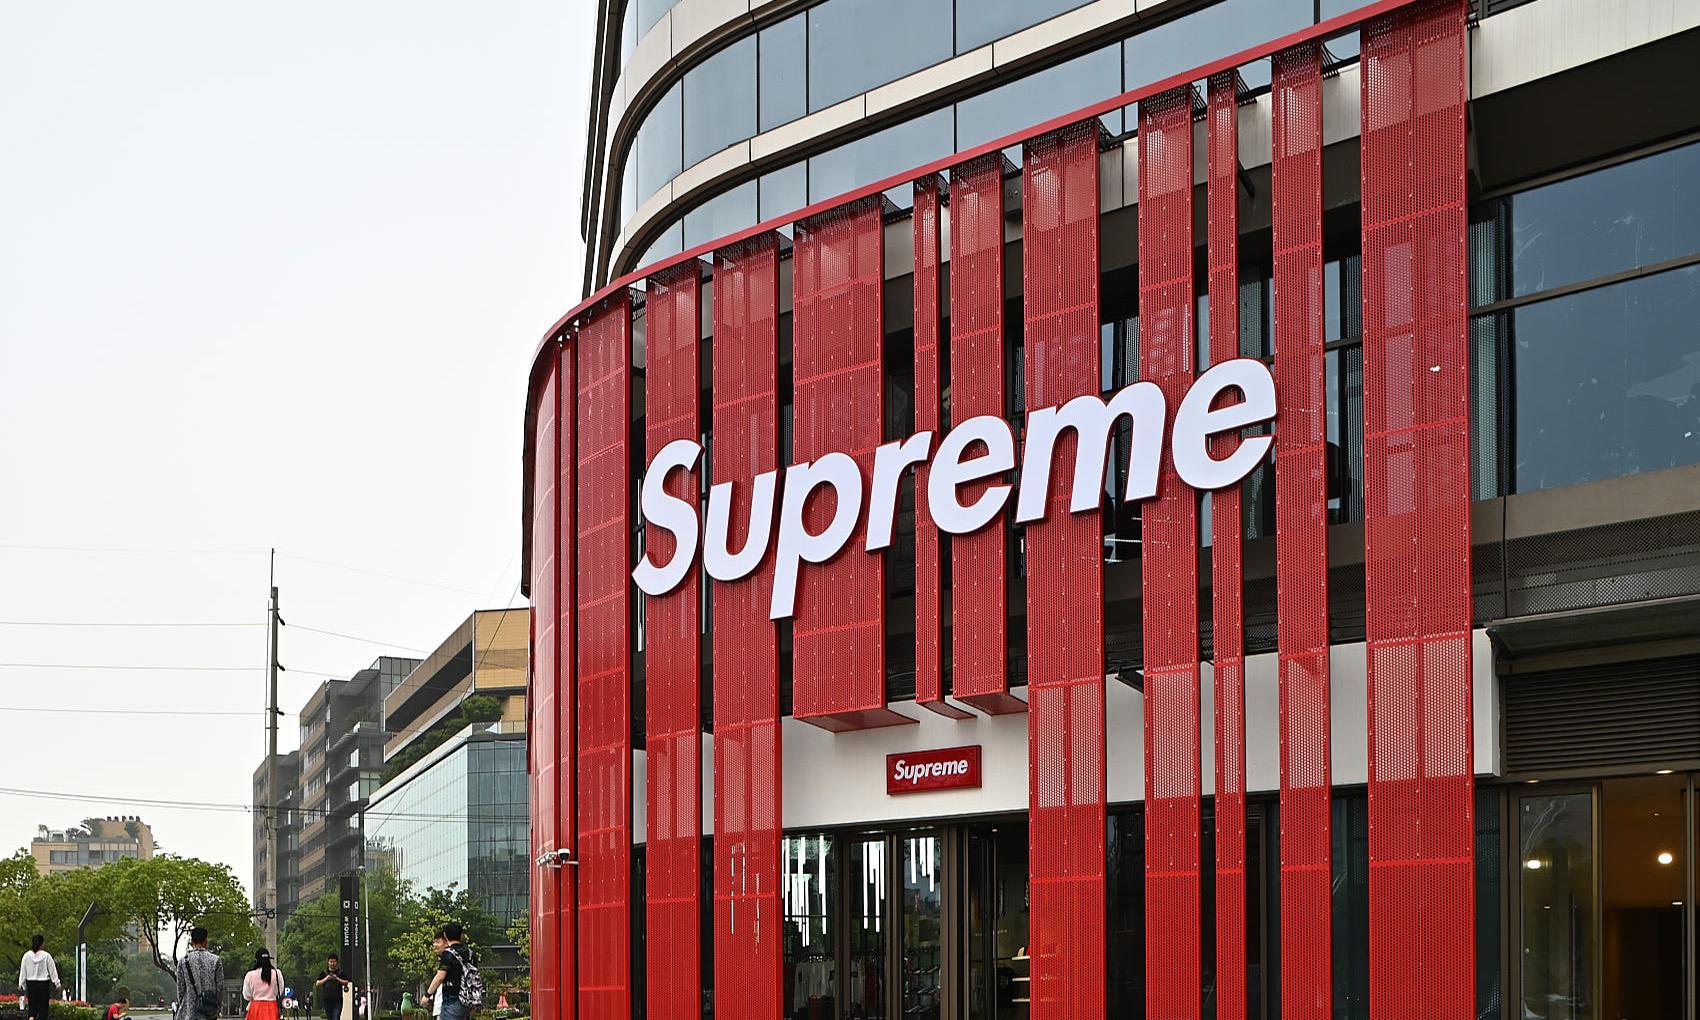 山寨版「Supreme」Italia 创始人遭判刑以及千万美元罚款